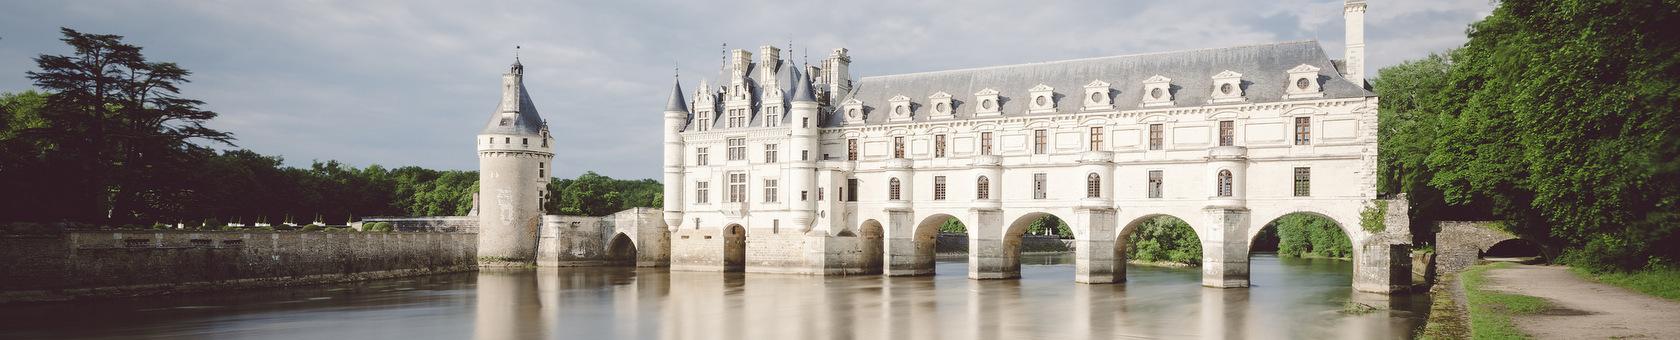 szkoła języka francuskiego - we Francjii